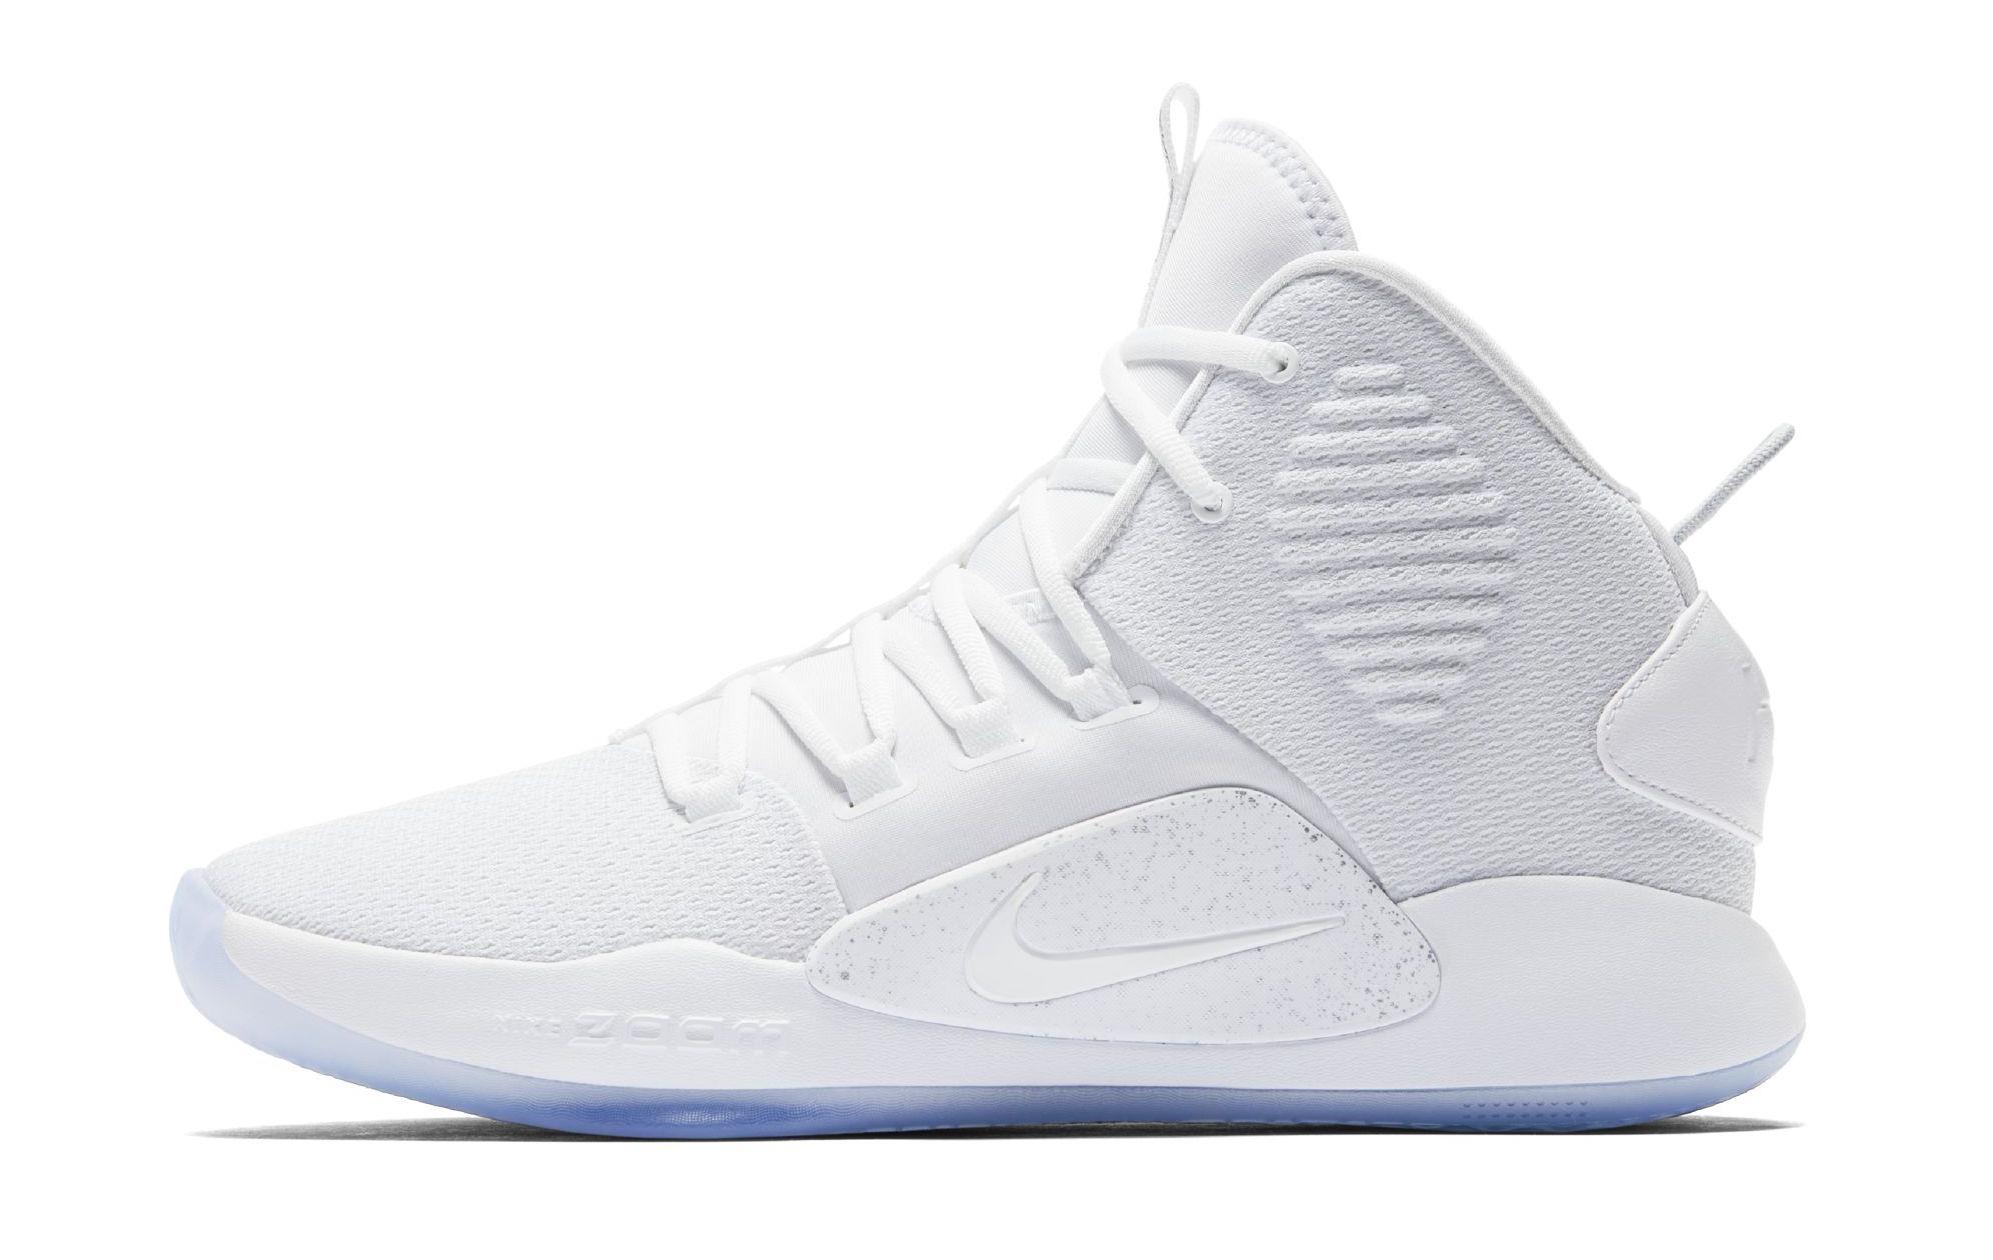 Nike Hyperdunk X Triple White Releasing